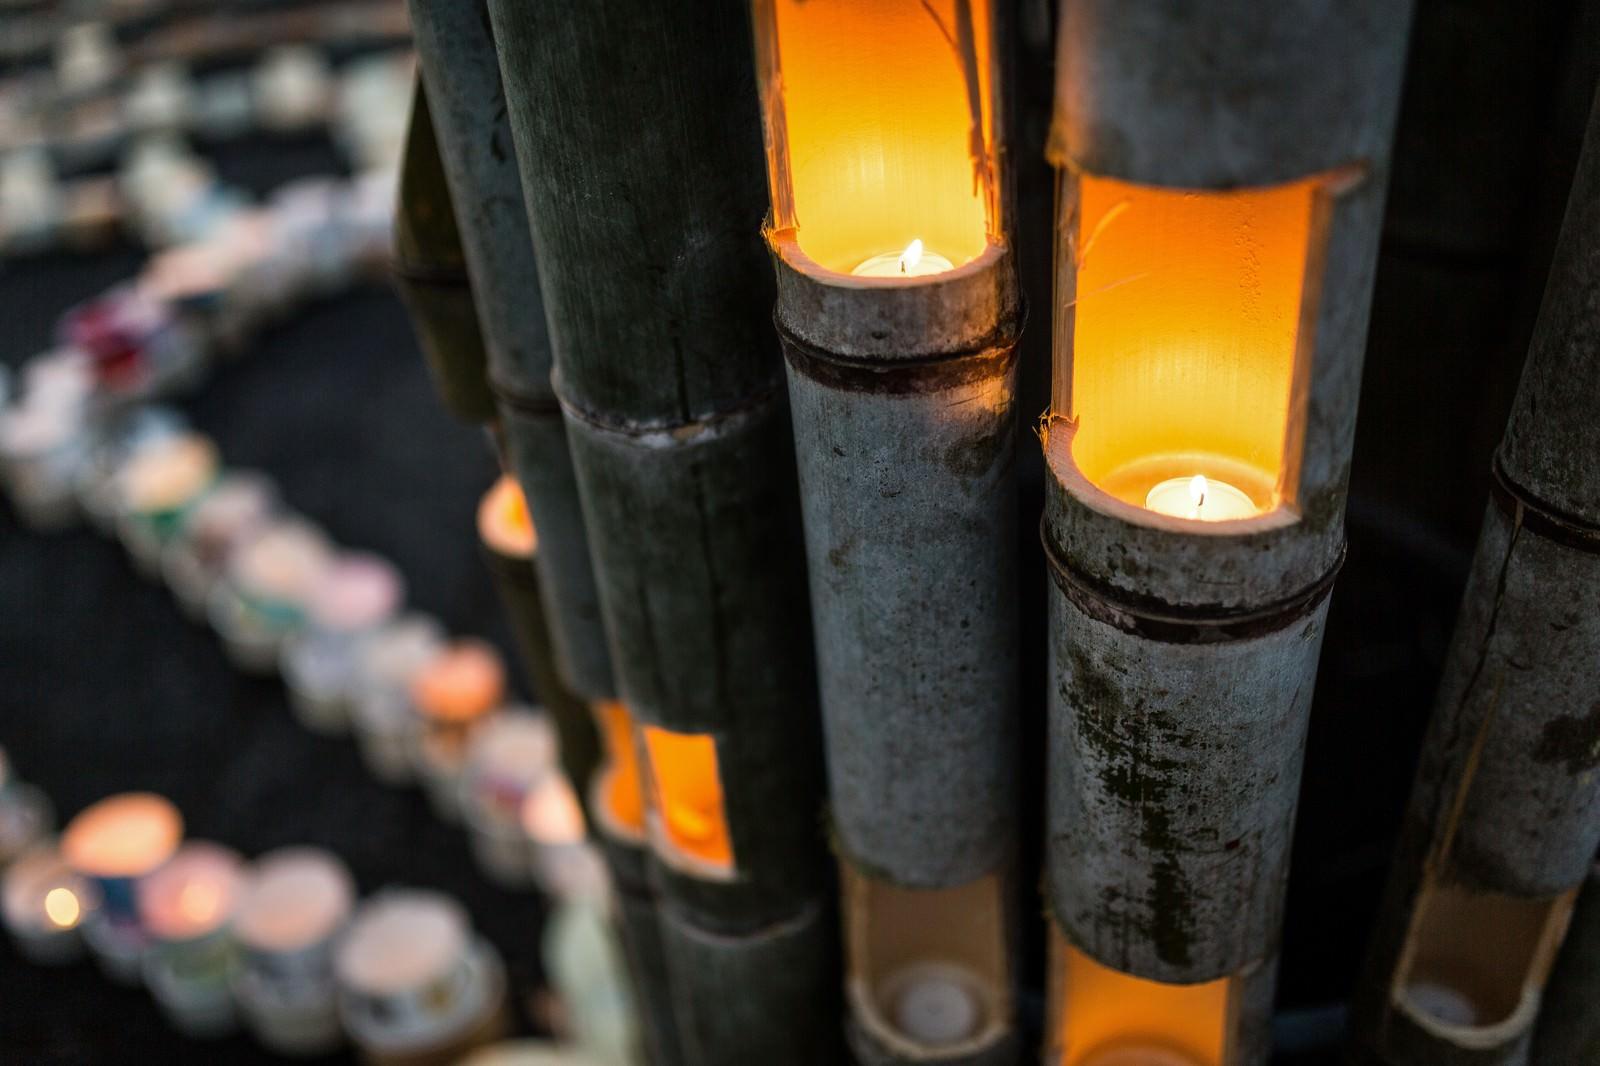 「竹灯籠「ボシ灯ろうまつり」竹灯籠「ボシ灯ろうまつり」」のフリー写真素材を拡大